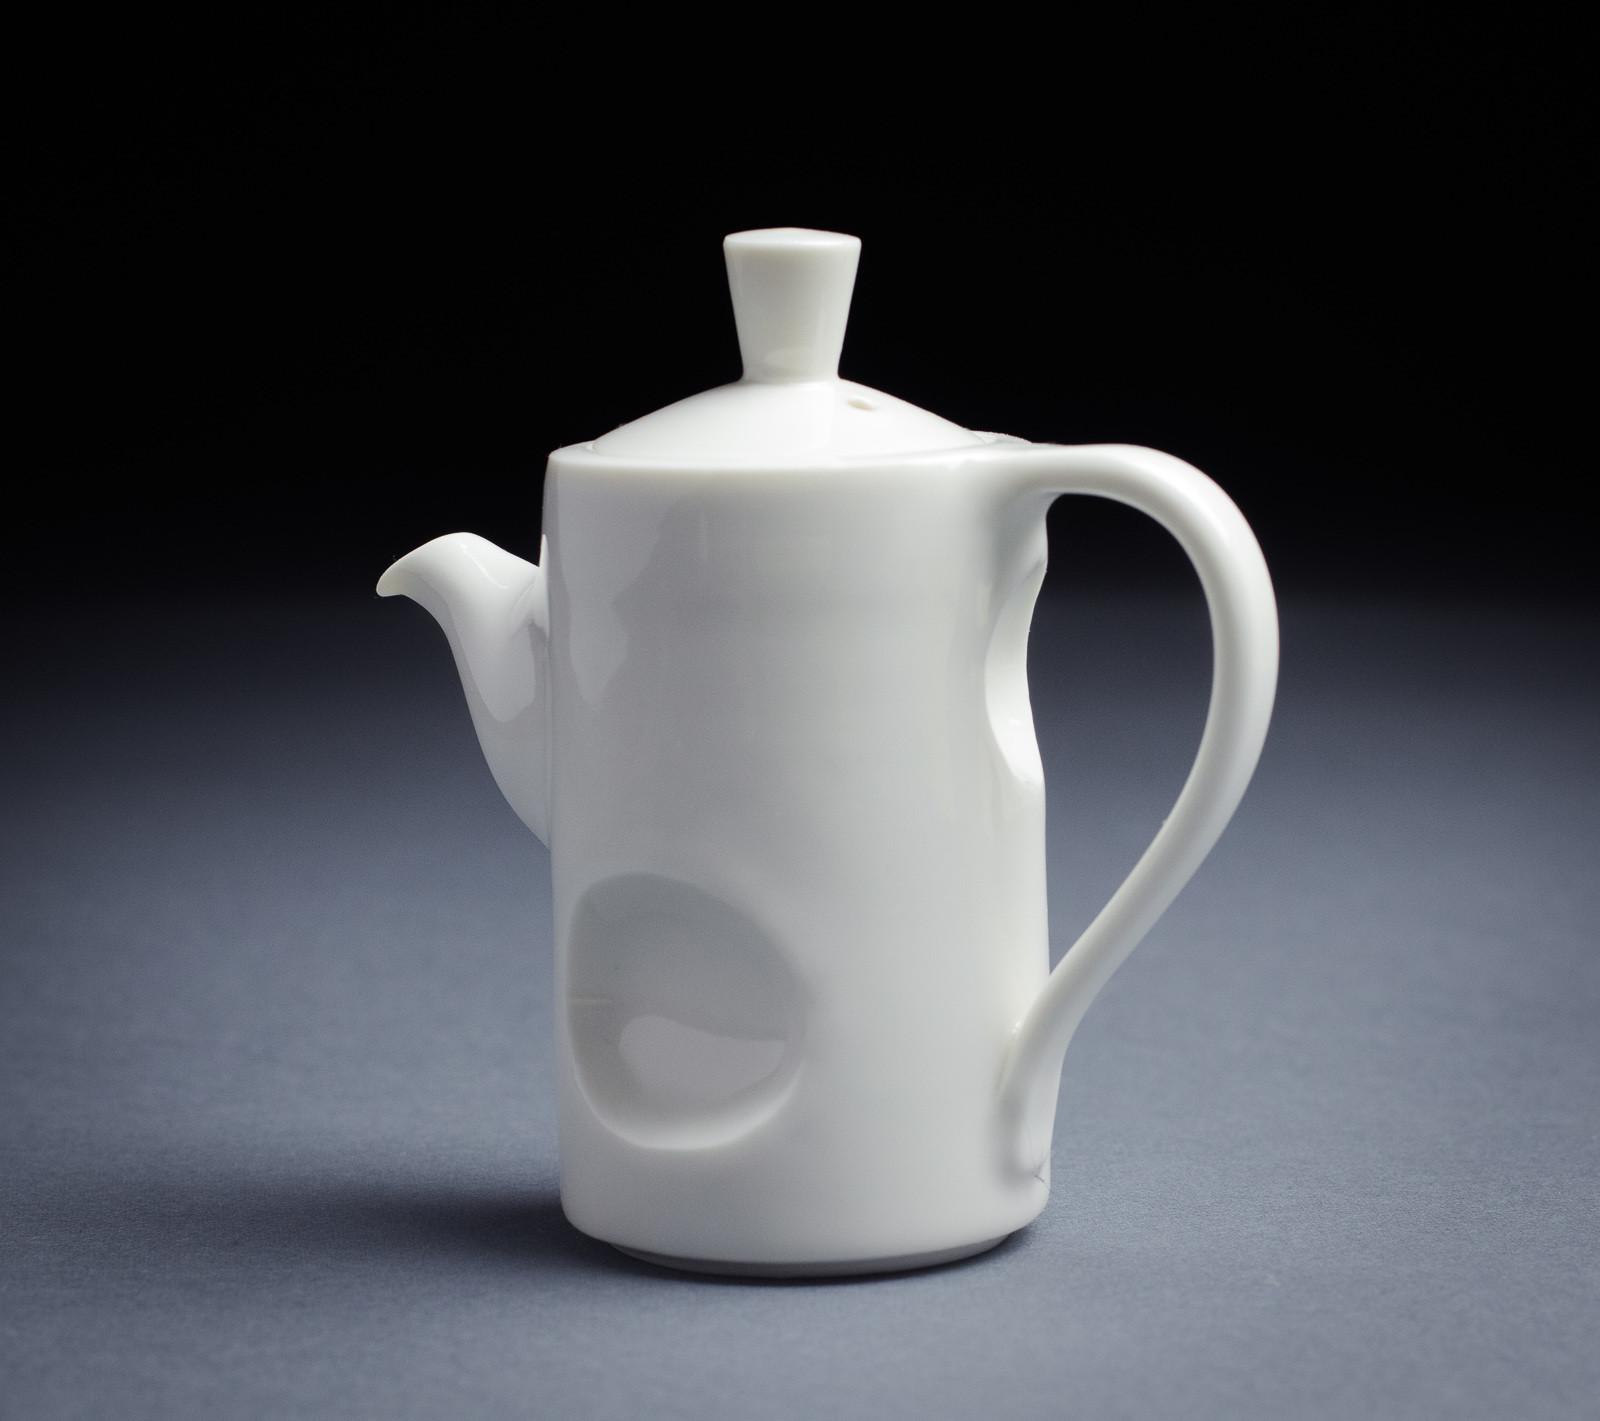 Porcelain teapot 001